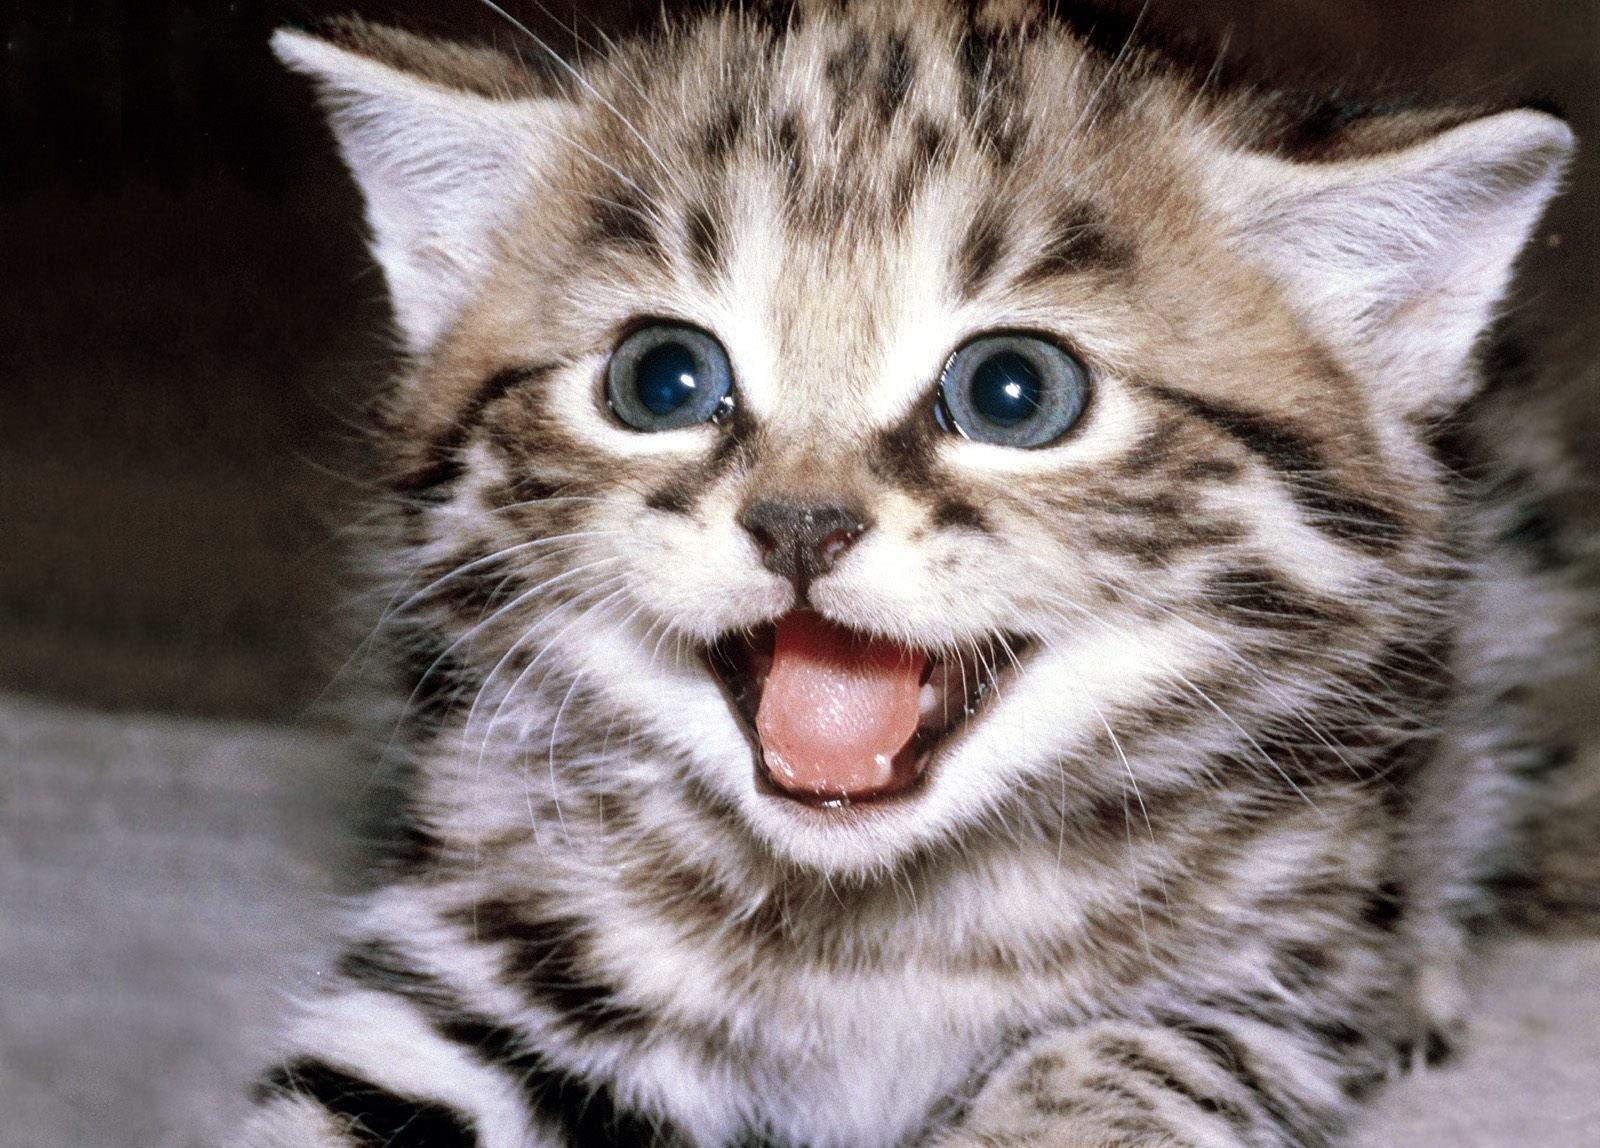 Среди кошек есть особи с различным темпераментом